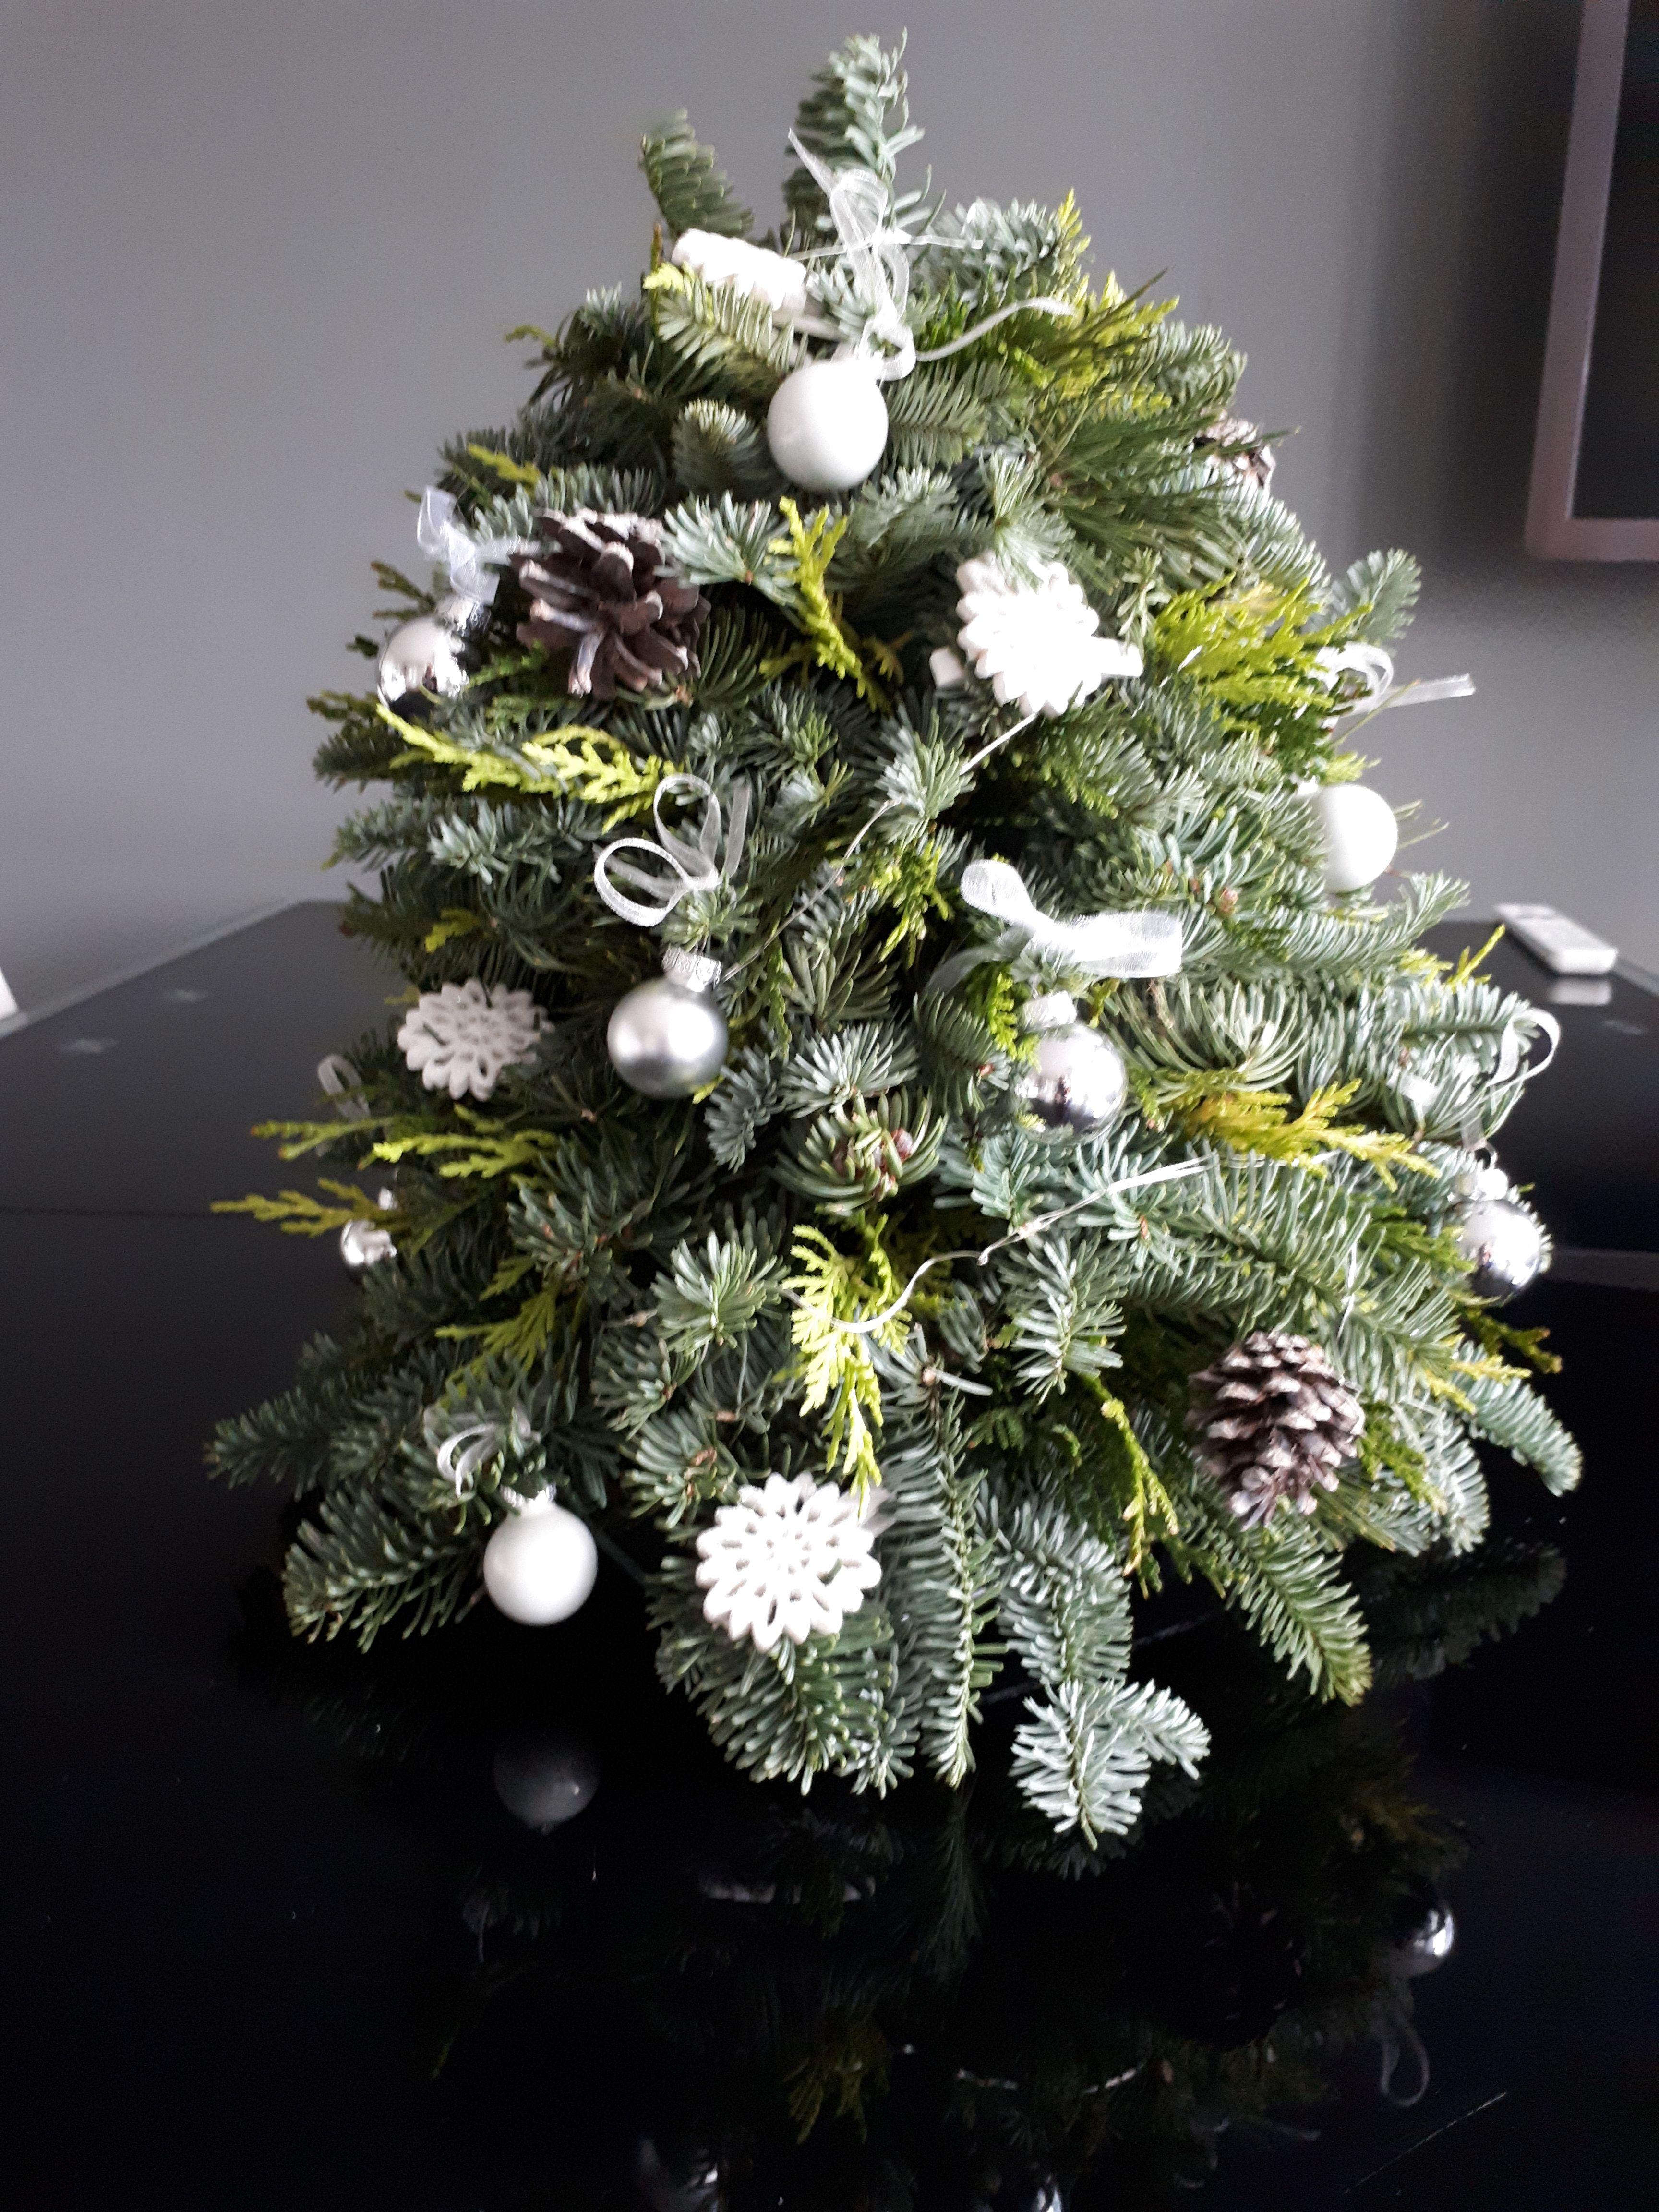 kerstboom met verlichting 2020 Kerstboom met verlichting dec 2019 in 2020 | Kerstbloemstukken